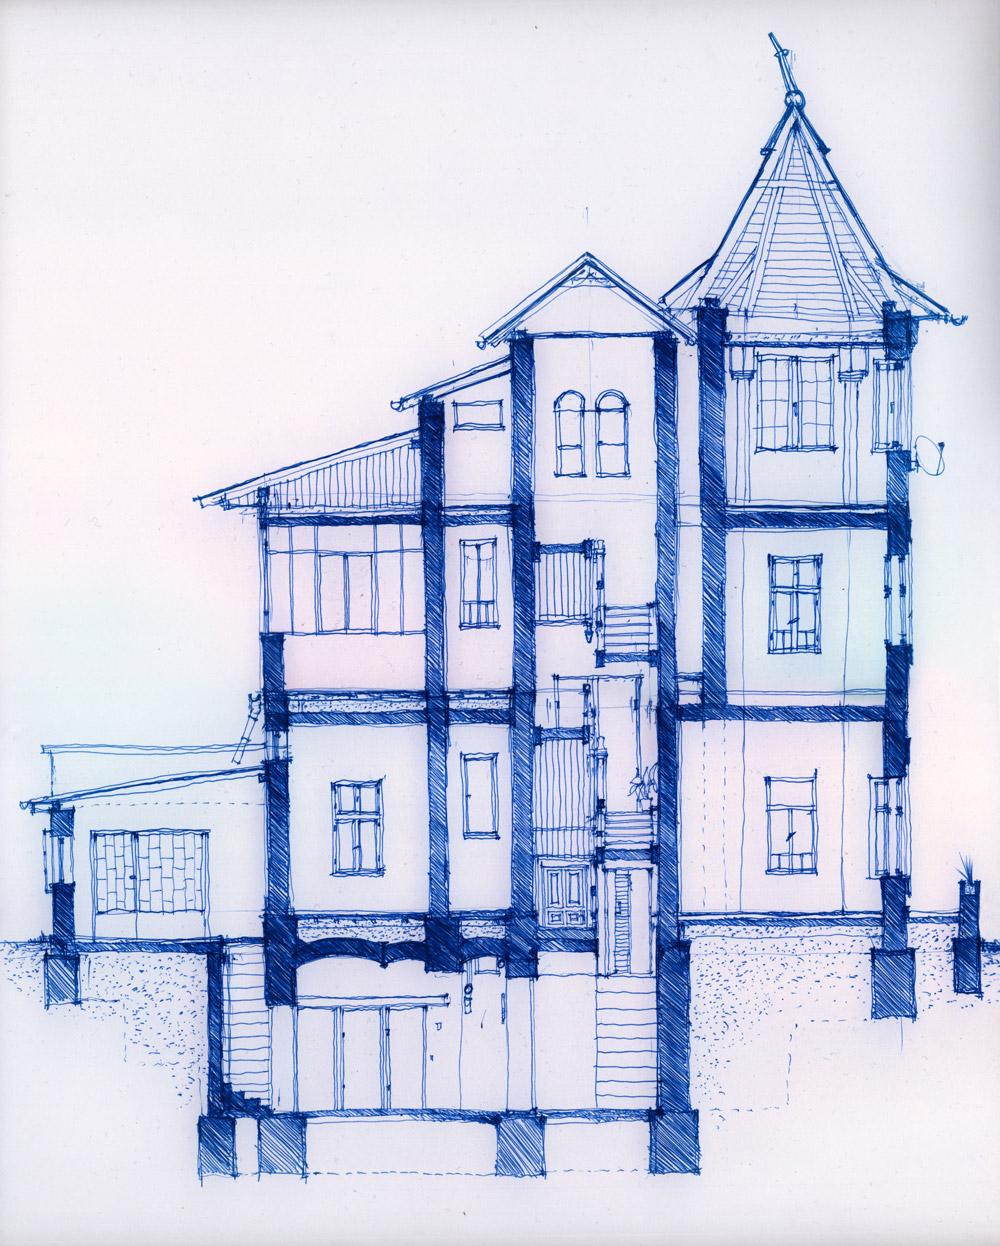 Sketch by Gergely Barcza